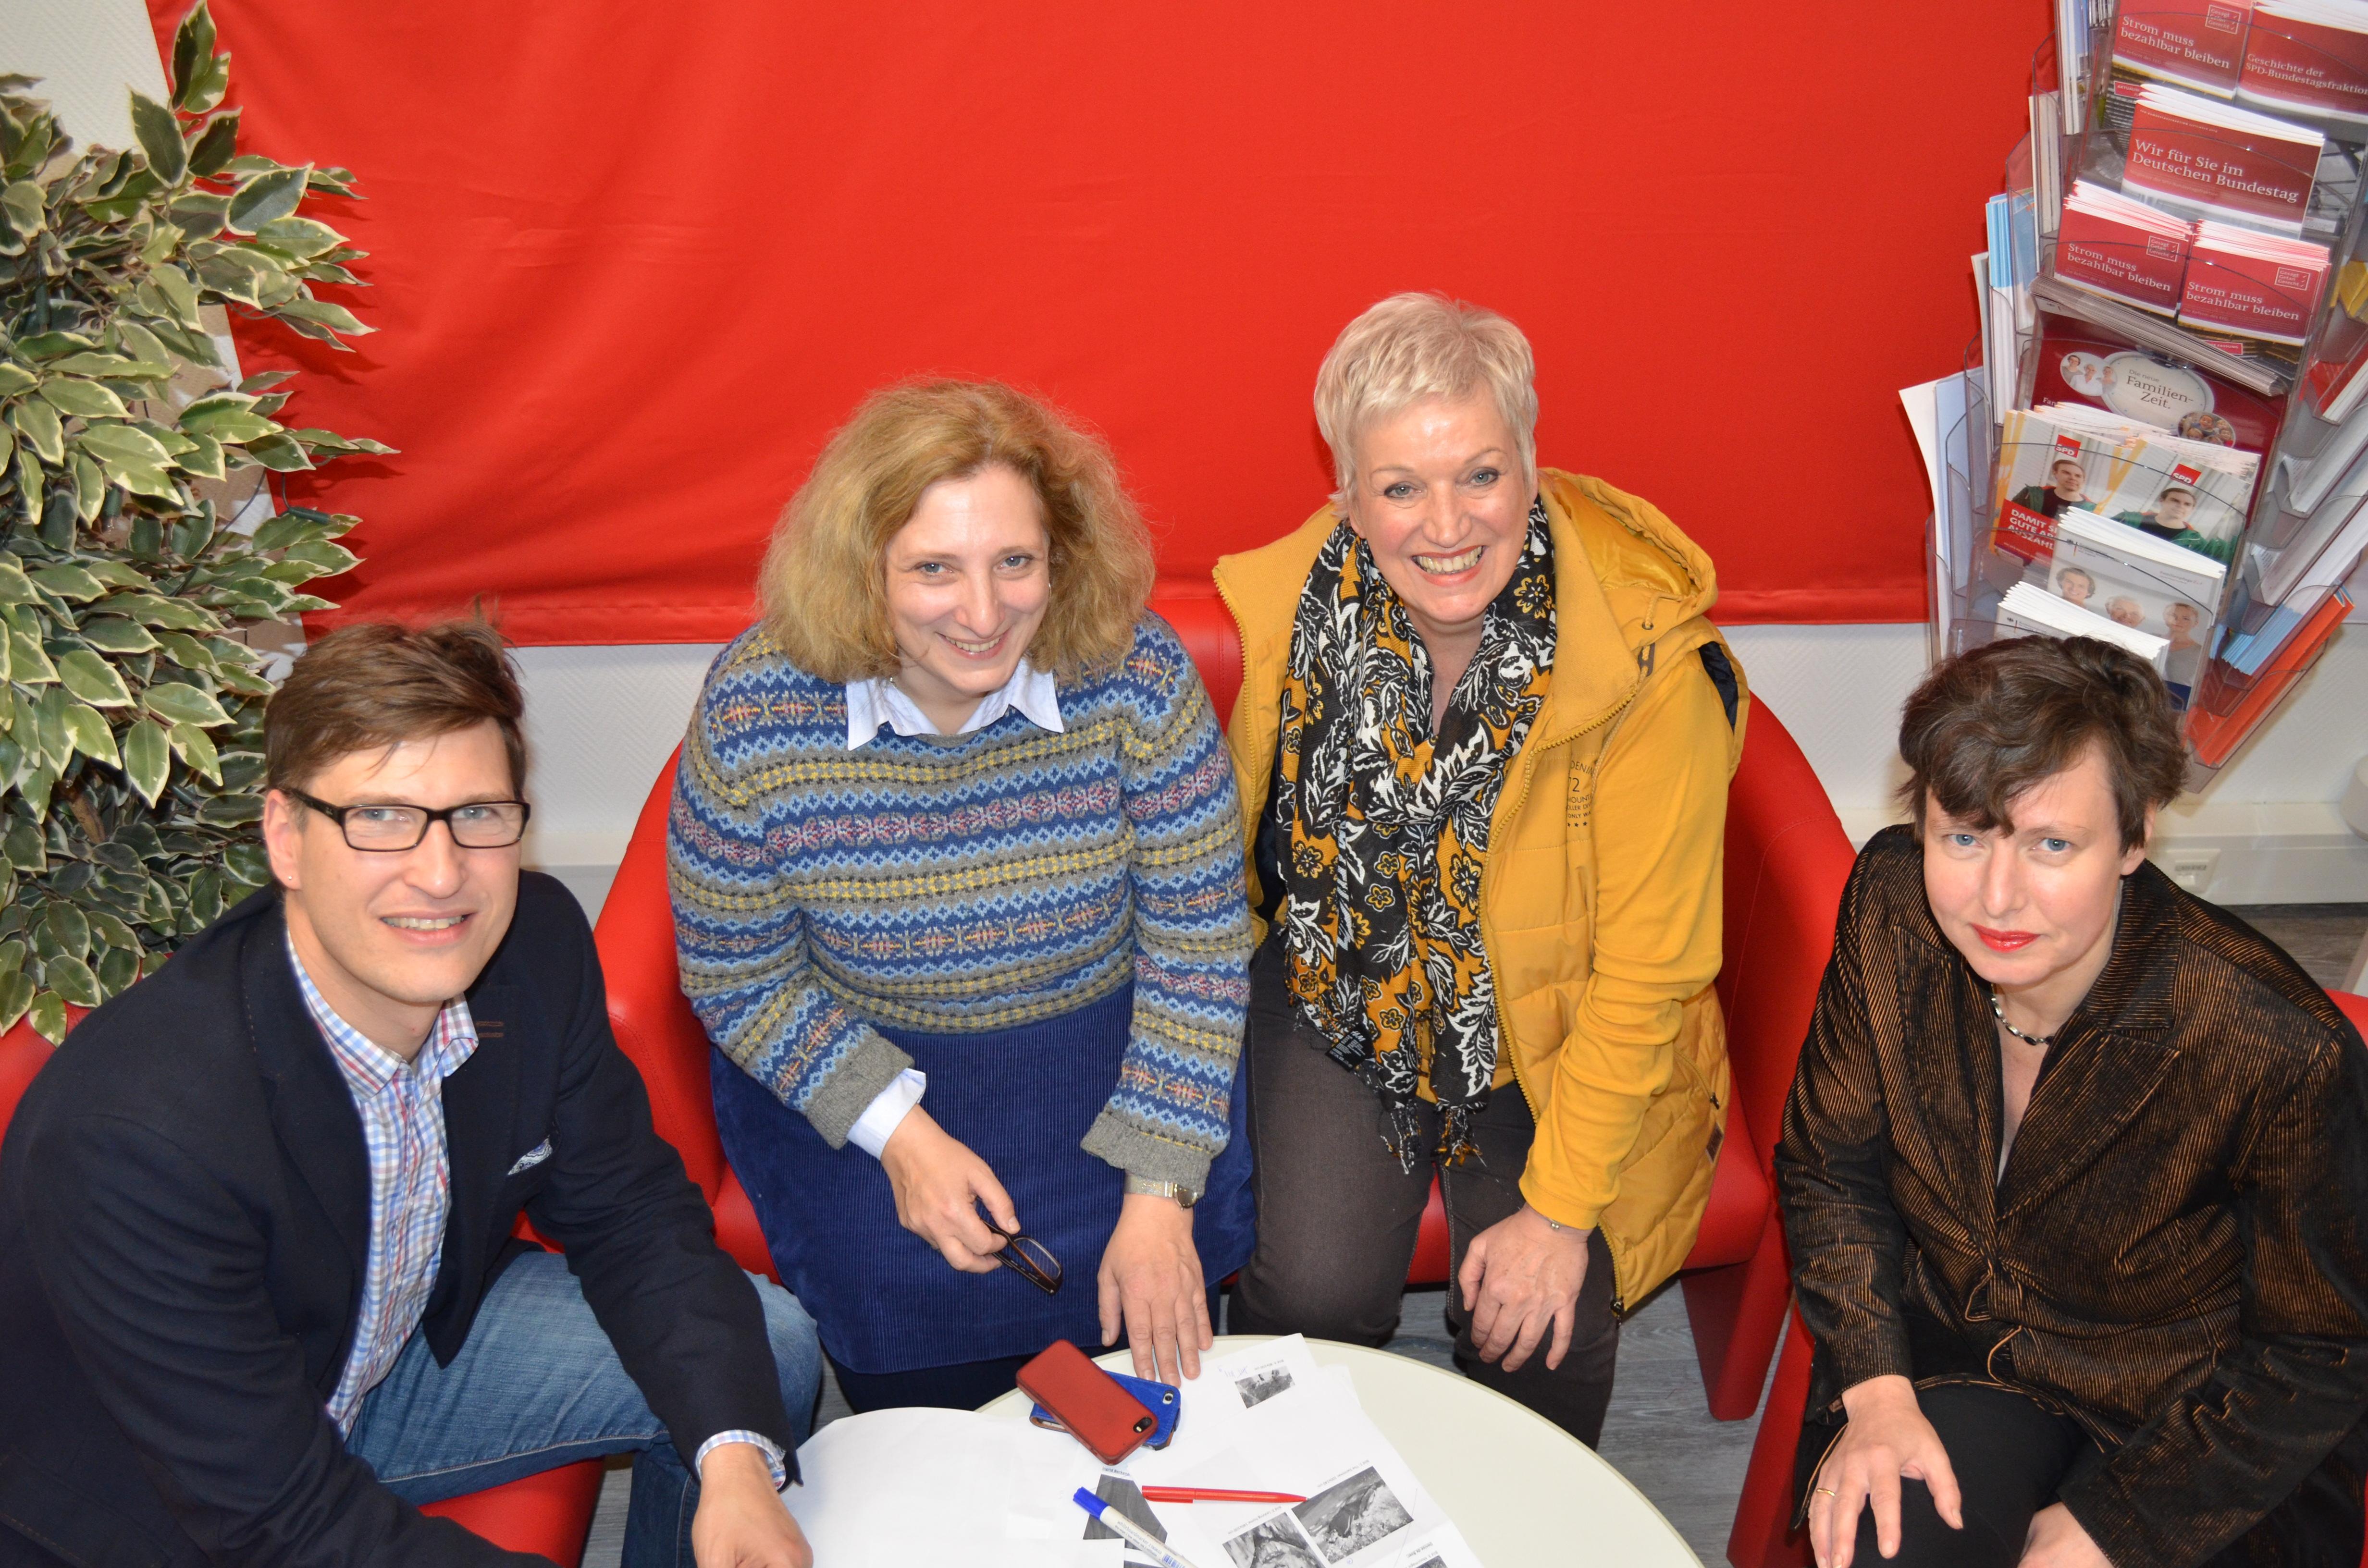 Thomas Niemeyer, Dr. Daniela De Ridder, Ulla Kleinlosen und Meike Behm bildeten die Kunstjury (Foto: Britta Hofmann)